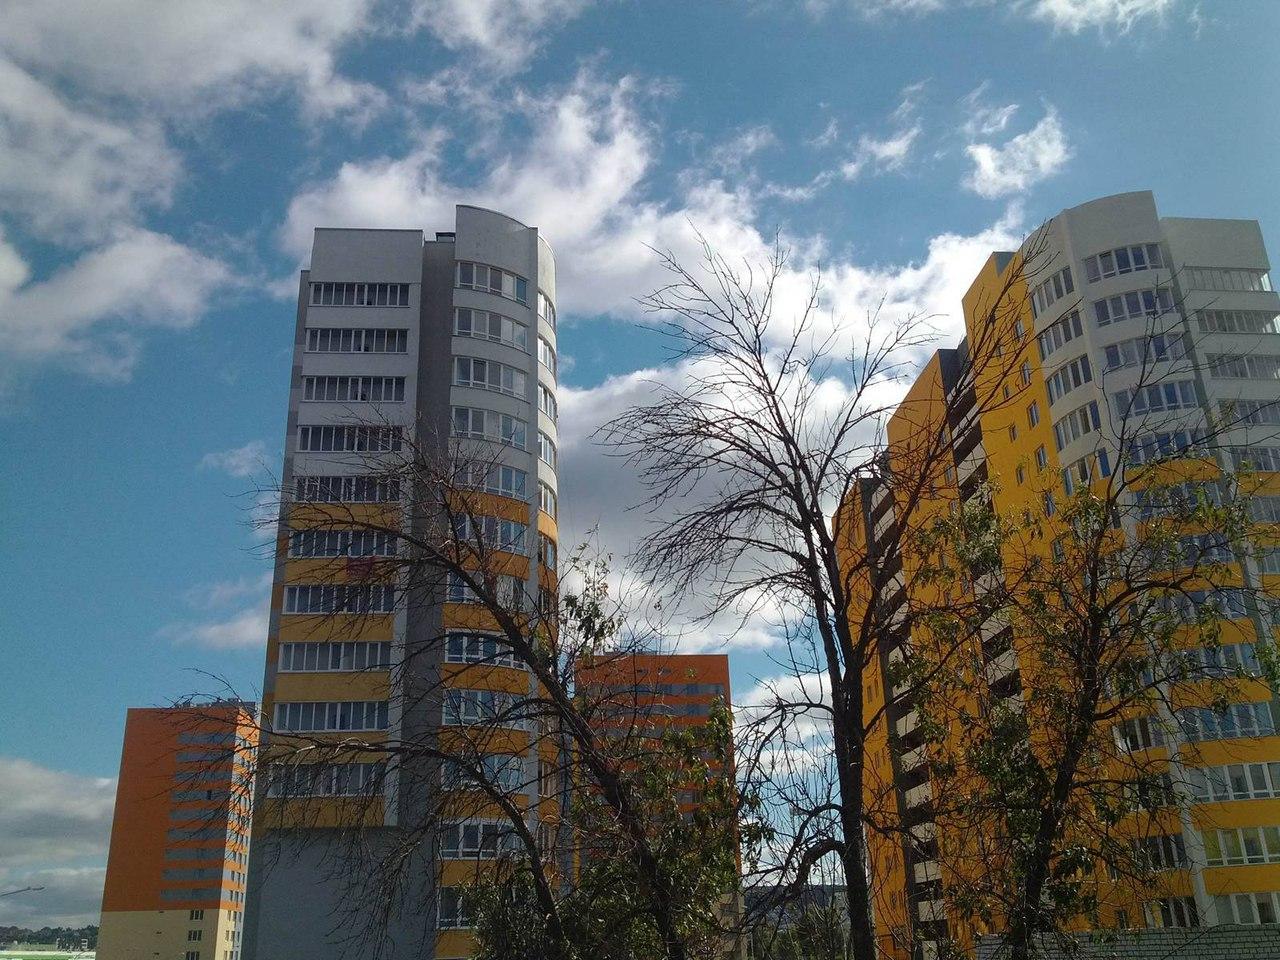 Купить квартиру в новостройке дешево с отделкой в Арбеково